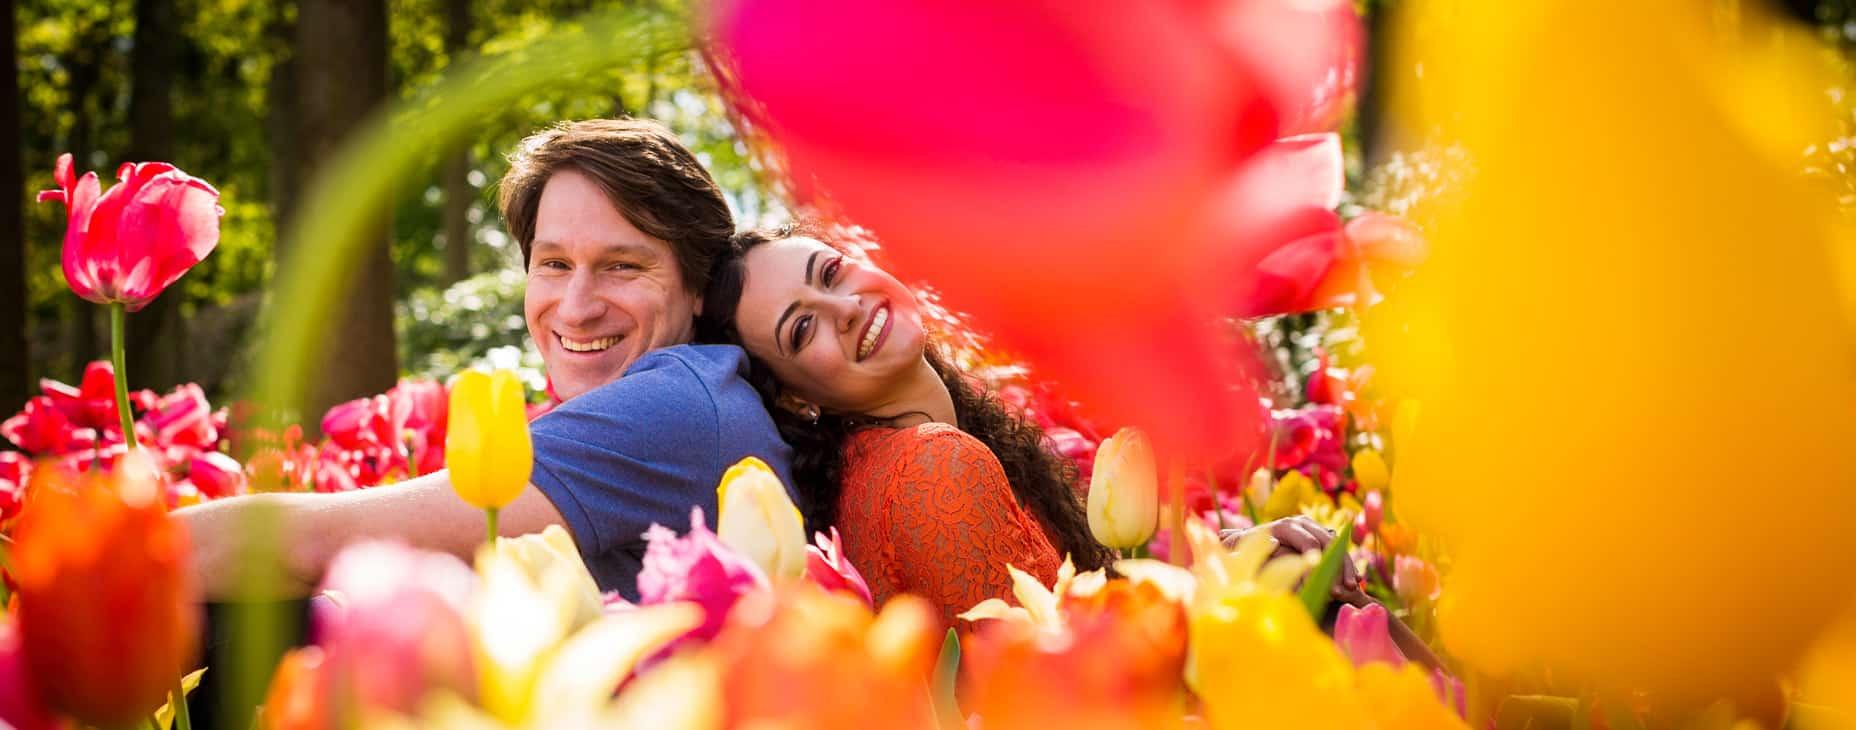 fotosessie tulpen bloemen fotograaf